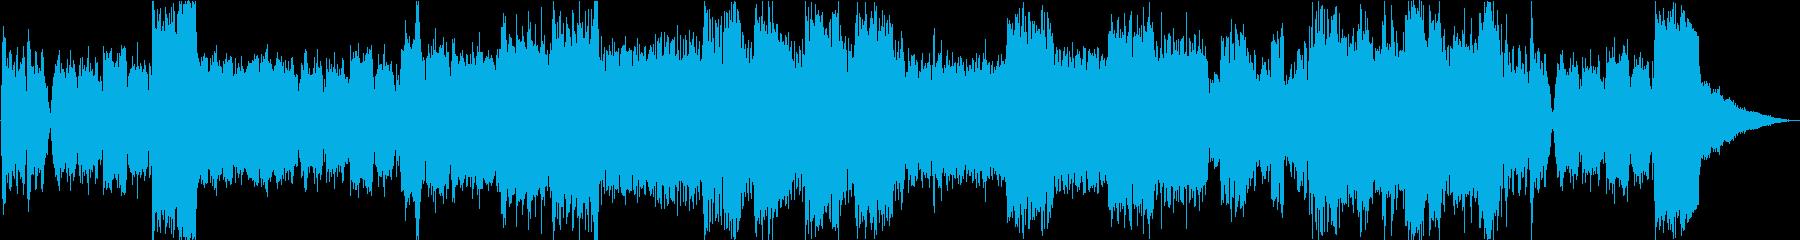 楽しく忙しい場面をイメージした楽曲の再生済みの波形